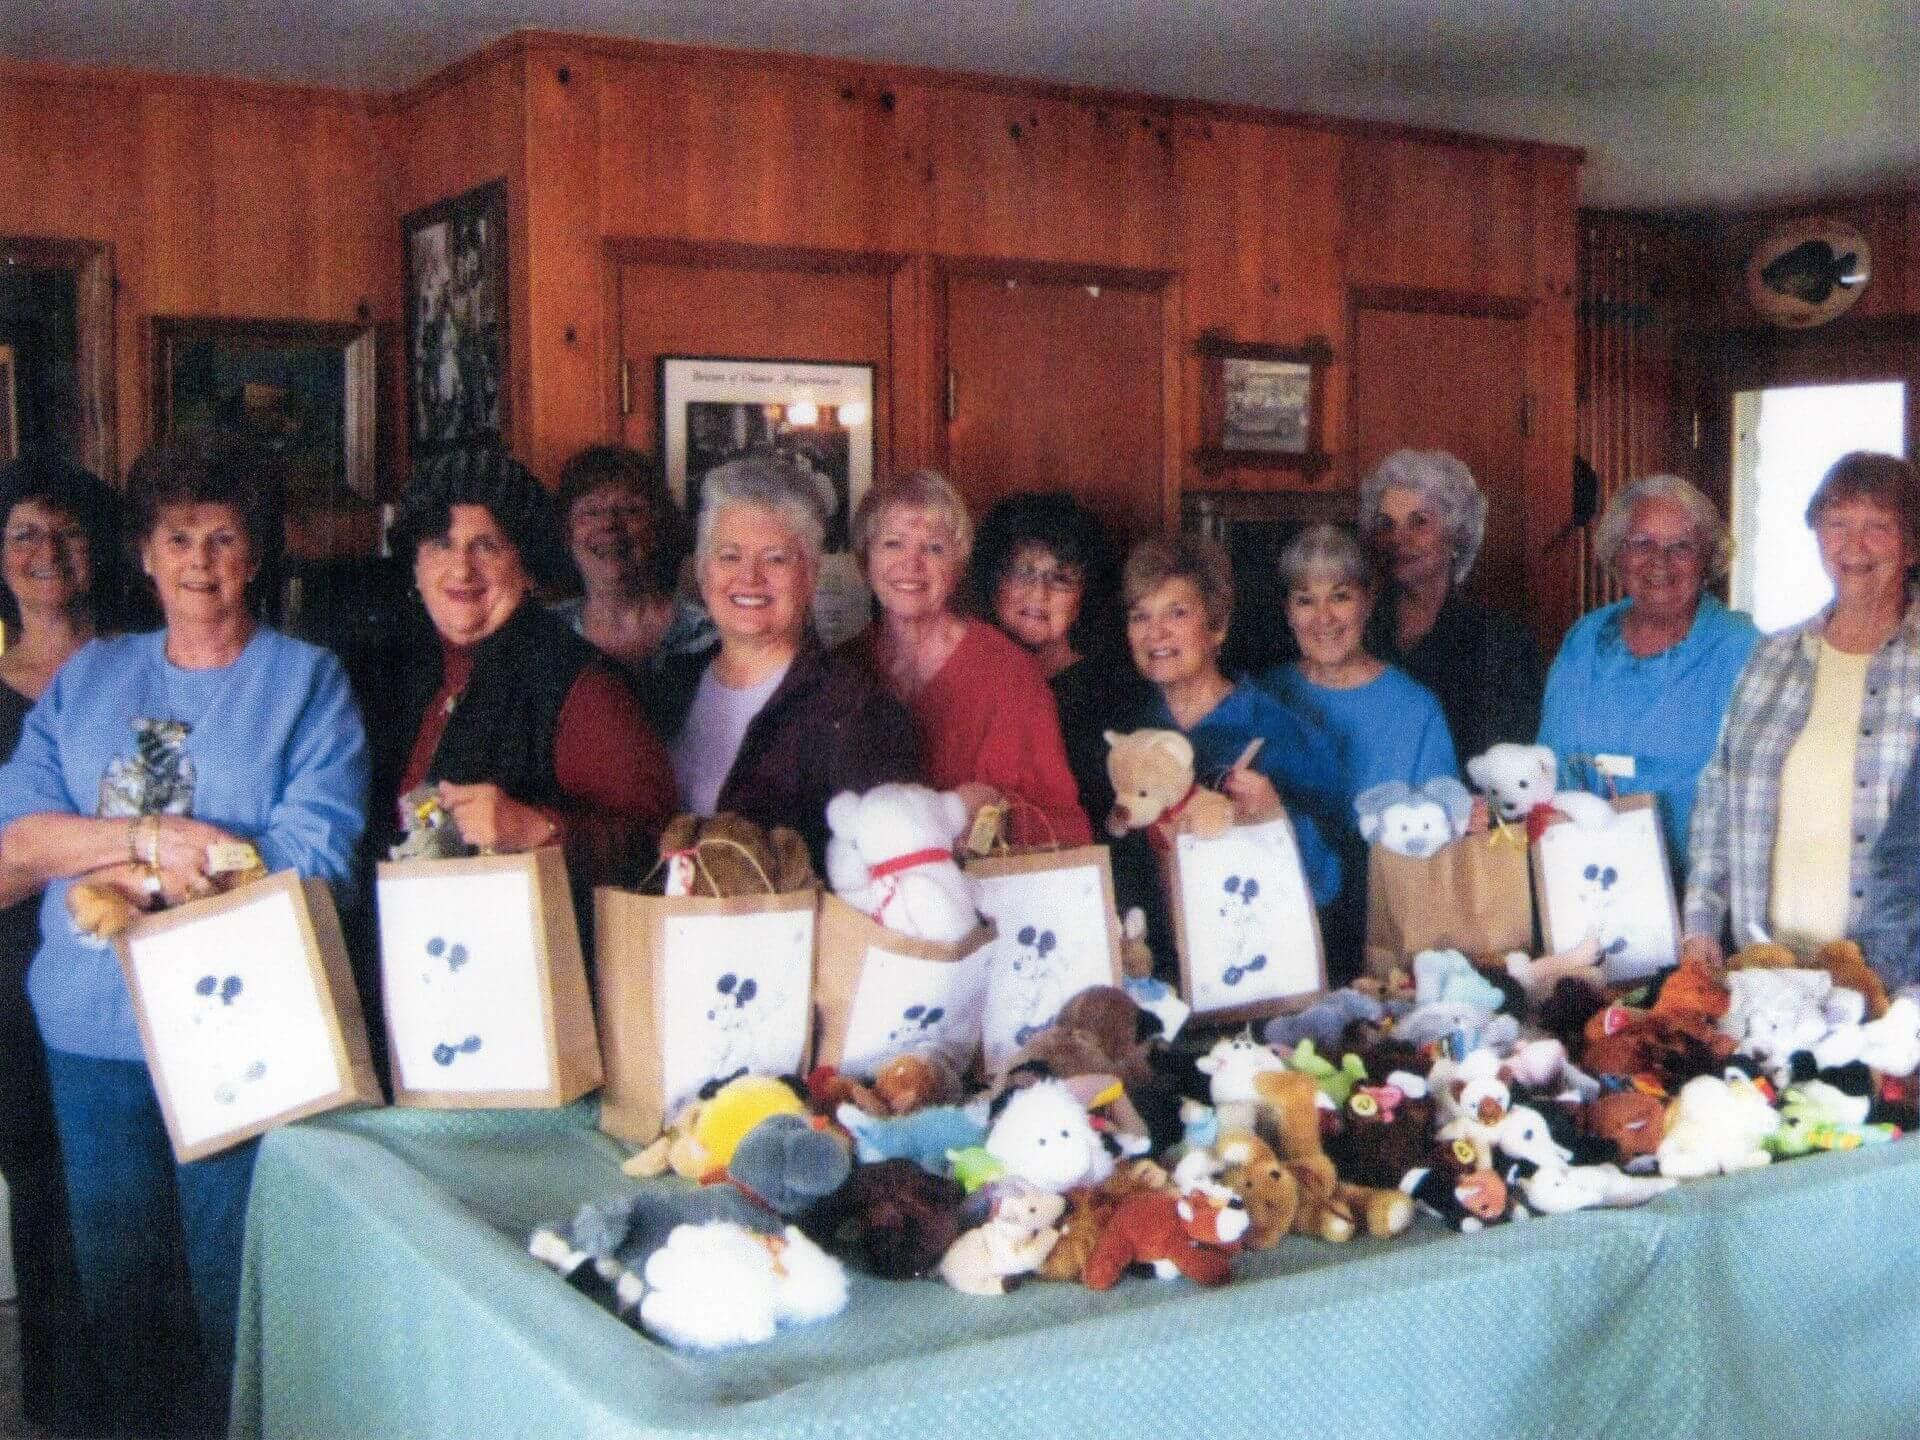 Assembling Bags for the Battered Women's Shelter